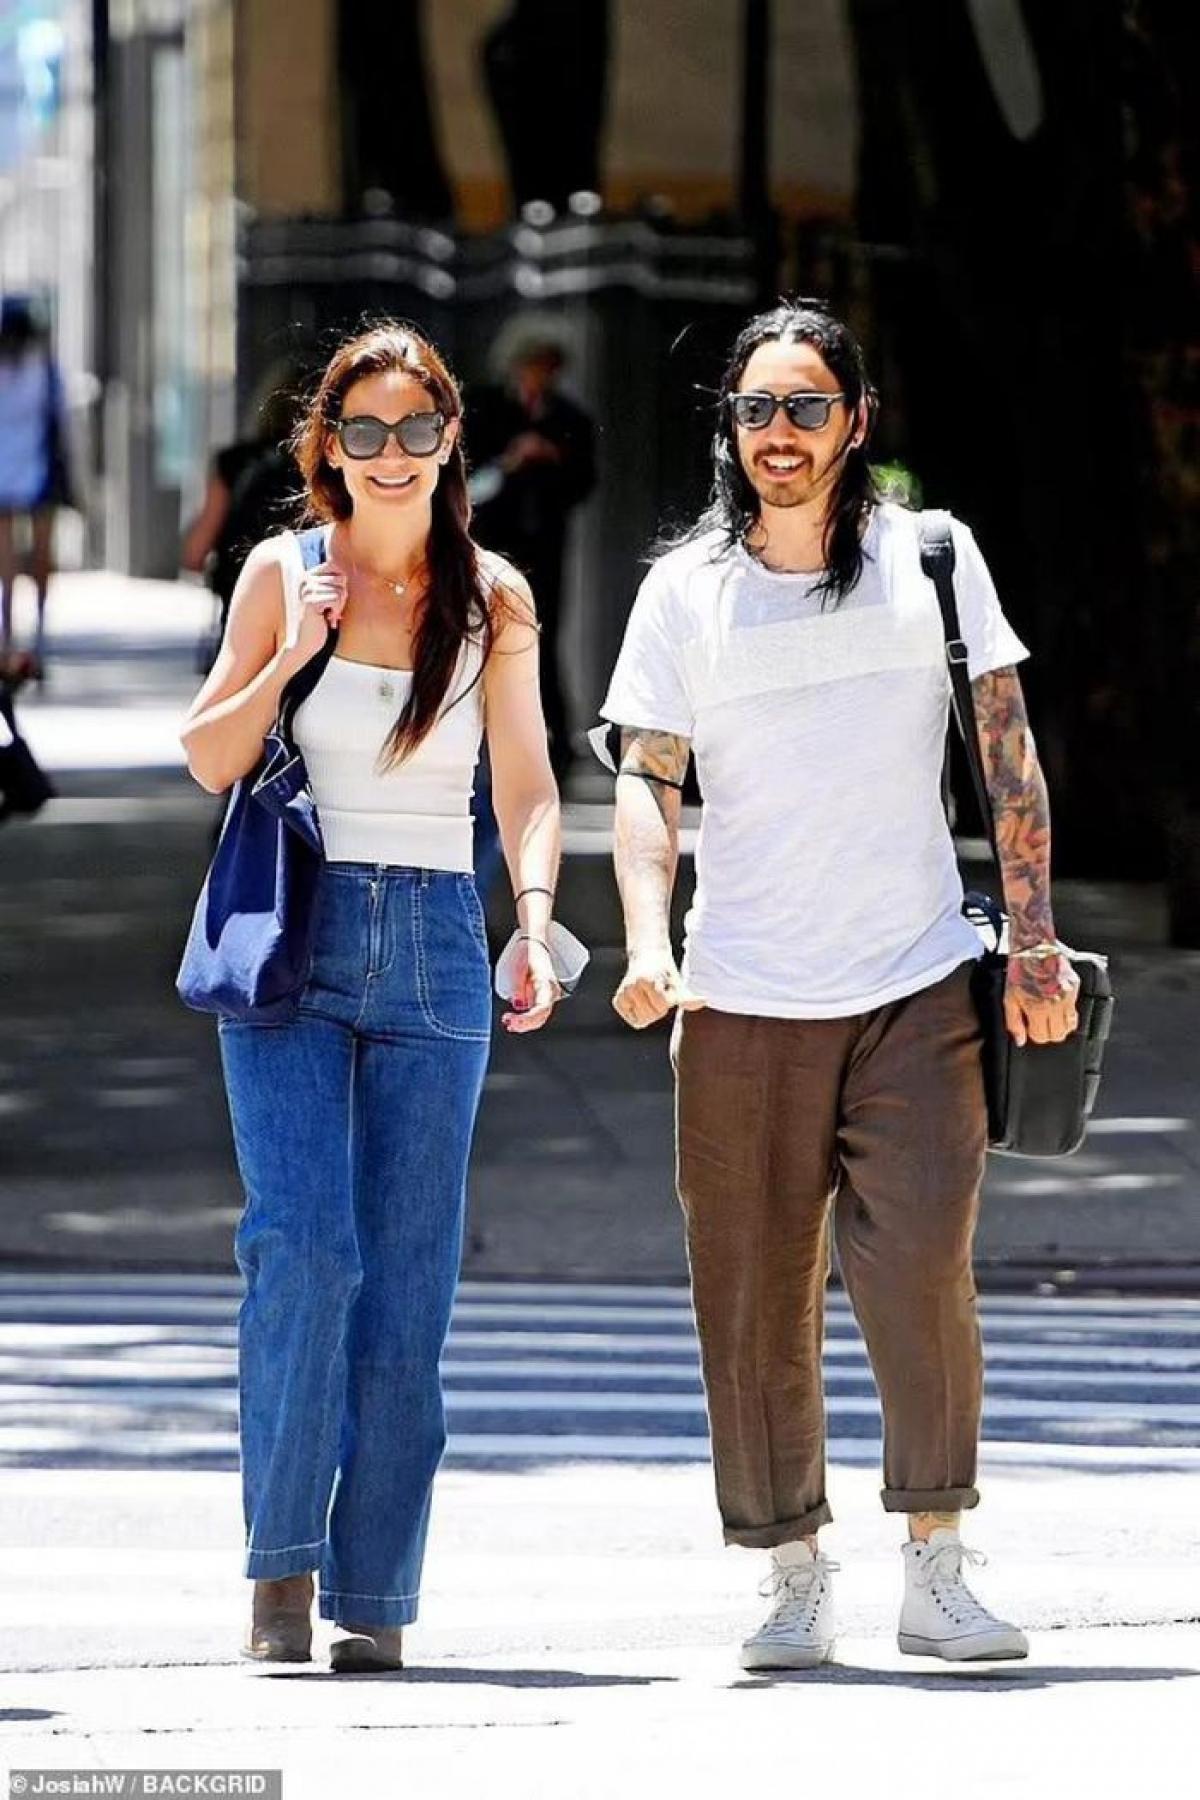 Cách đây không lâu, Katie Holmes bị cánh săn ảnh bắt gặp khi đang đi dạo phố cùng người đàn ông lạ mặt ở New York.